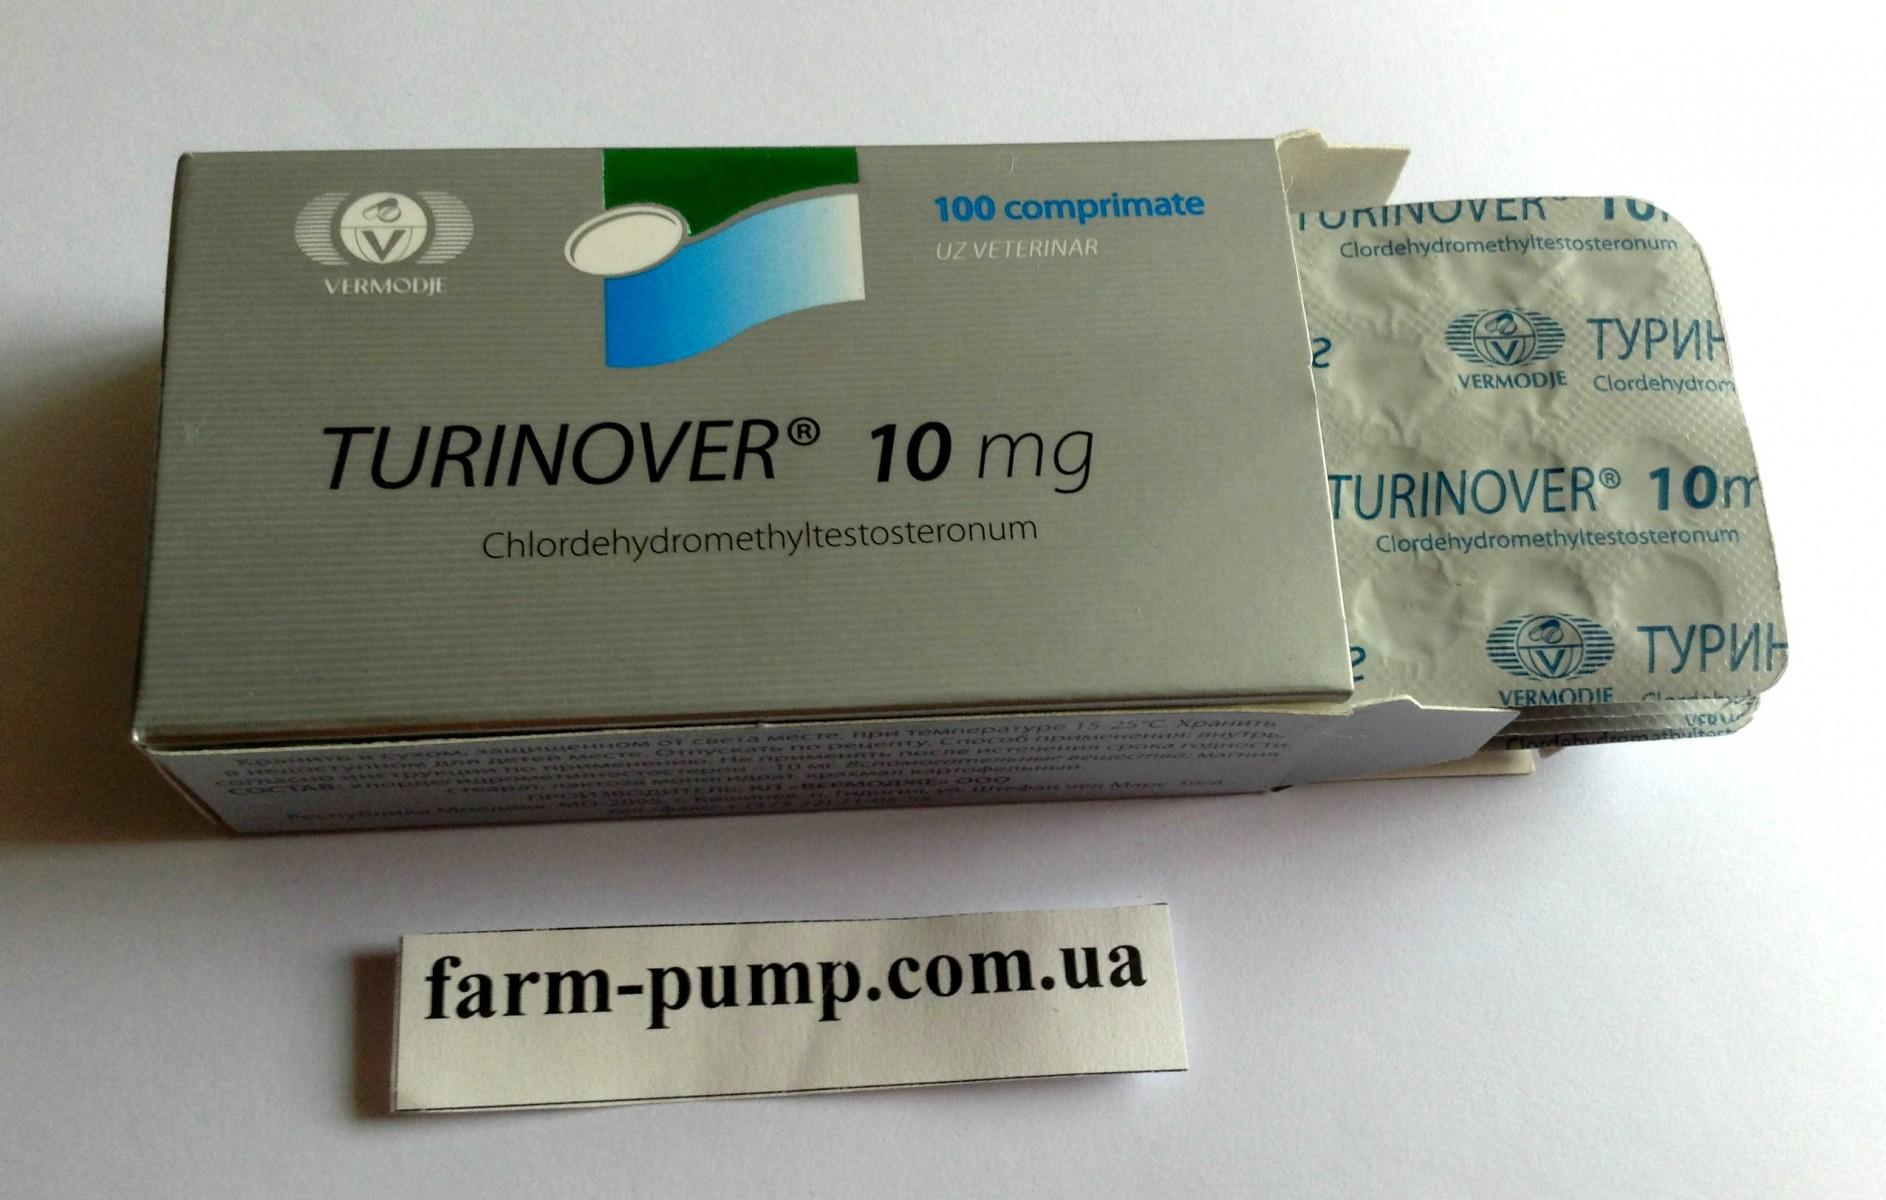 Болденон вермоджи стероиды, для профилактики простатита